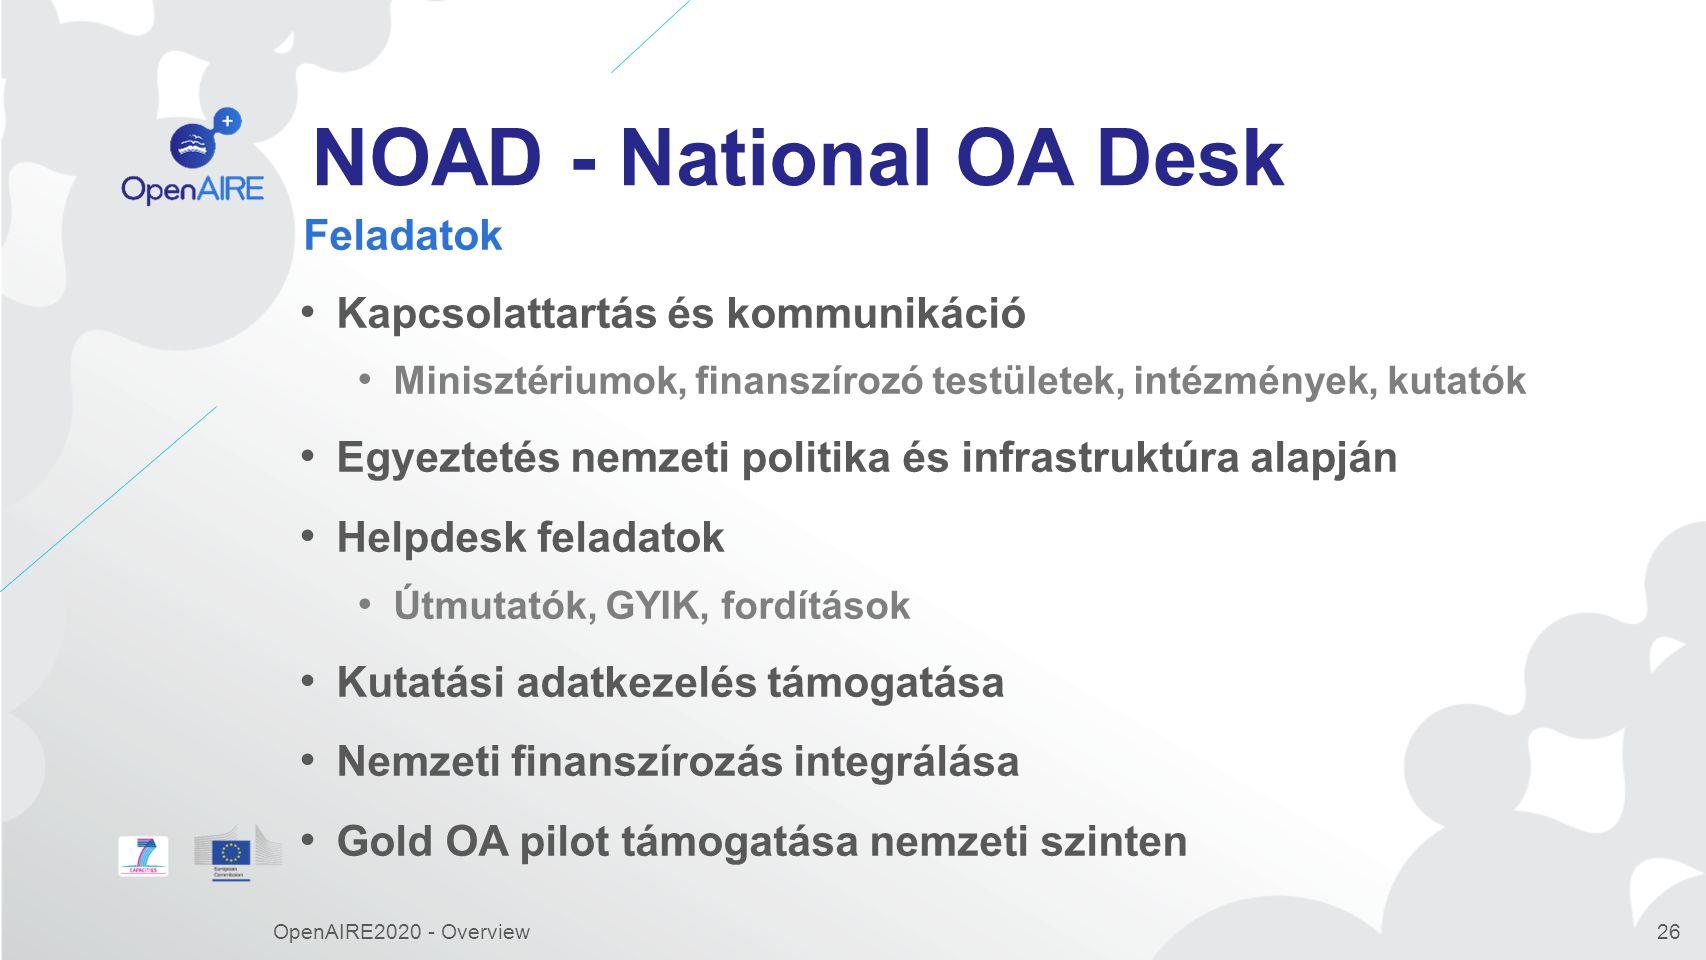 NOAD - National OA Desk Kapcsolattartás és kommunikáció Minisztériumok, finanszírozó testületek, intézmények, kutatók Egyeztetés nemzeti politika és infrastruktúra alapján Helpdesk feladatok Útmutatók, GYIK, fordítások Kutatási adatkezelés támogatása Nemzeti finanszírozás integrálása Gold OA pilot támogatása nemzeti szinten Feladatok OpenAIRE2020 - Overview26